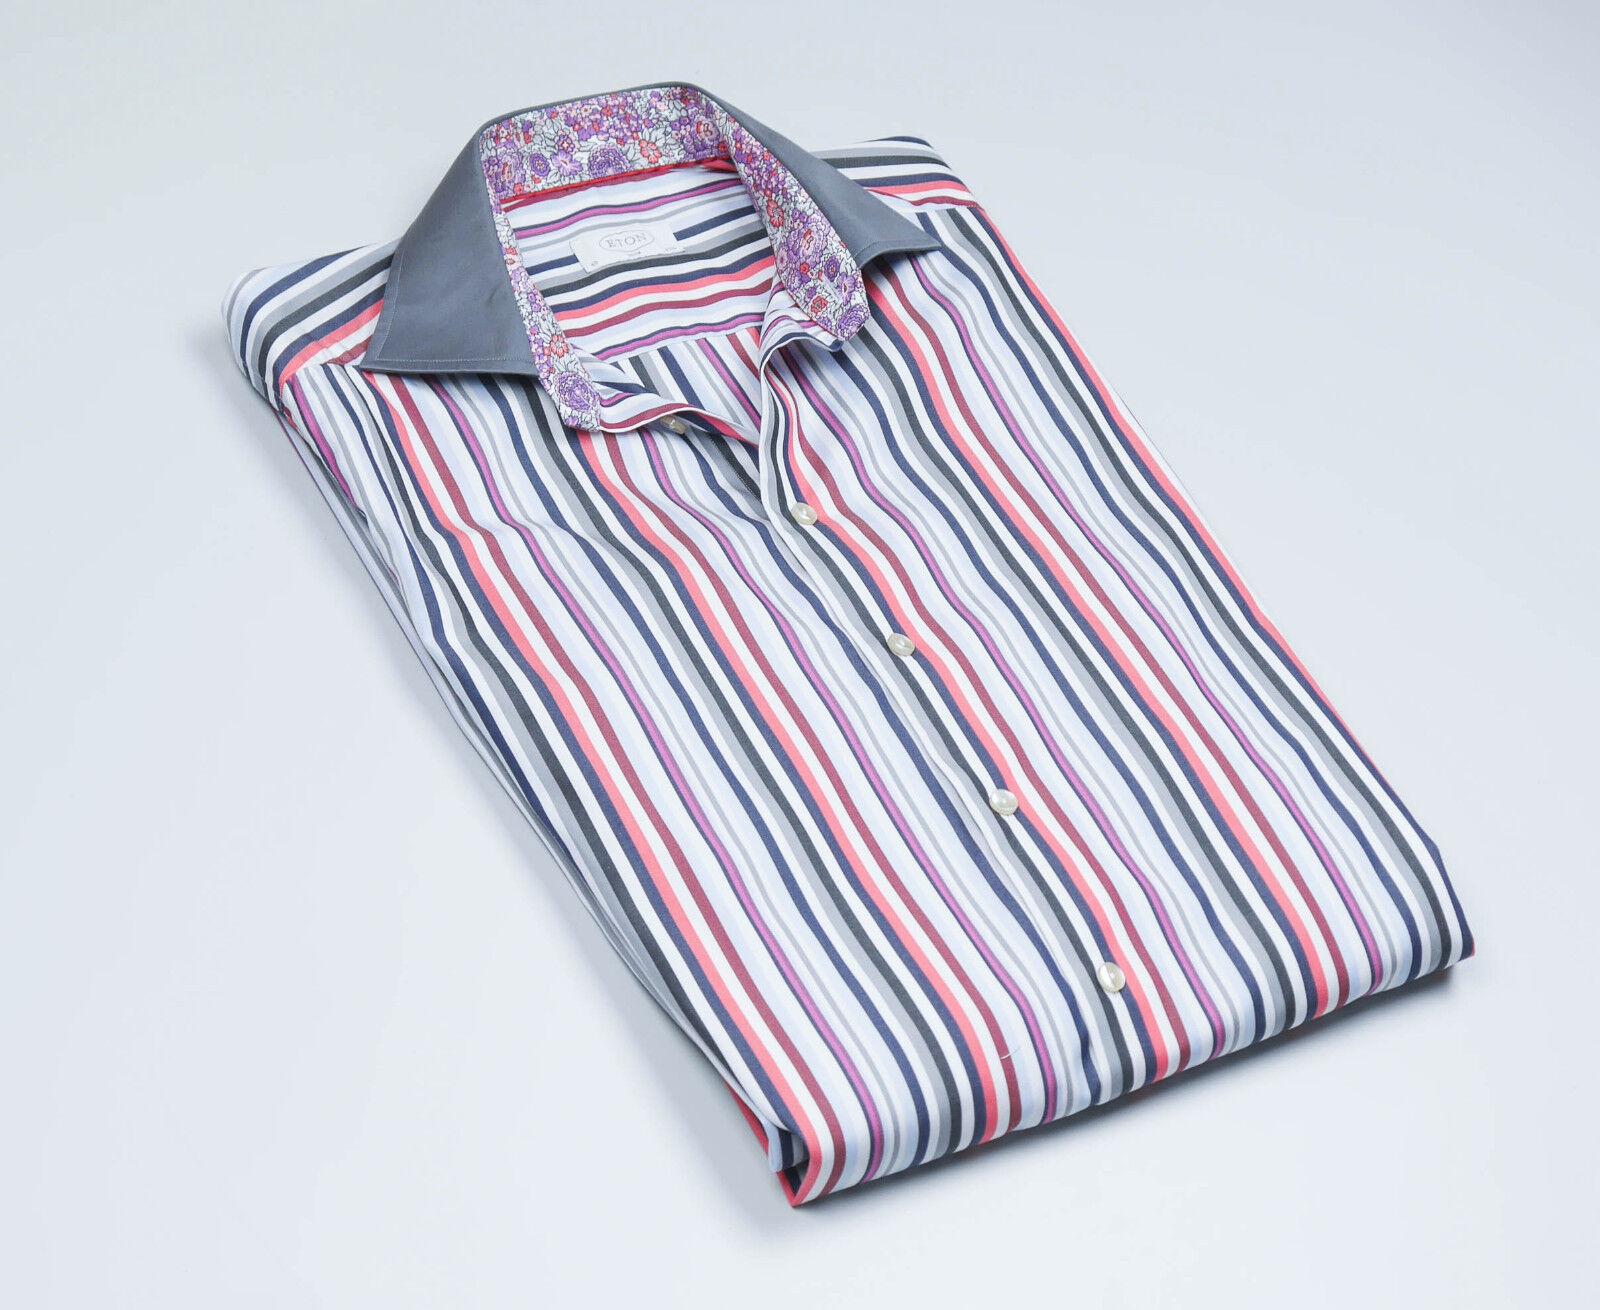 ETON  Men's Striped long sleeved Shirt Size 40 - 15 3 4 FREE UK P&P